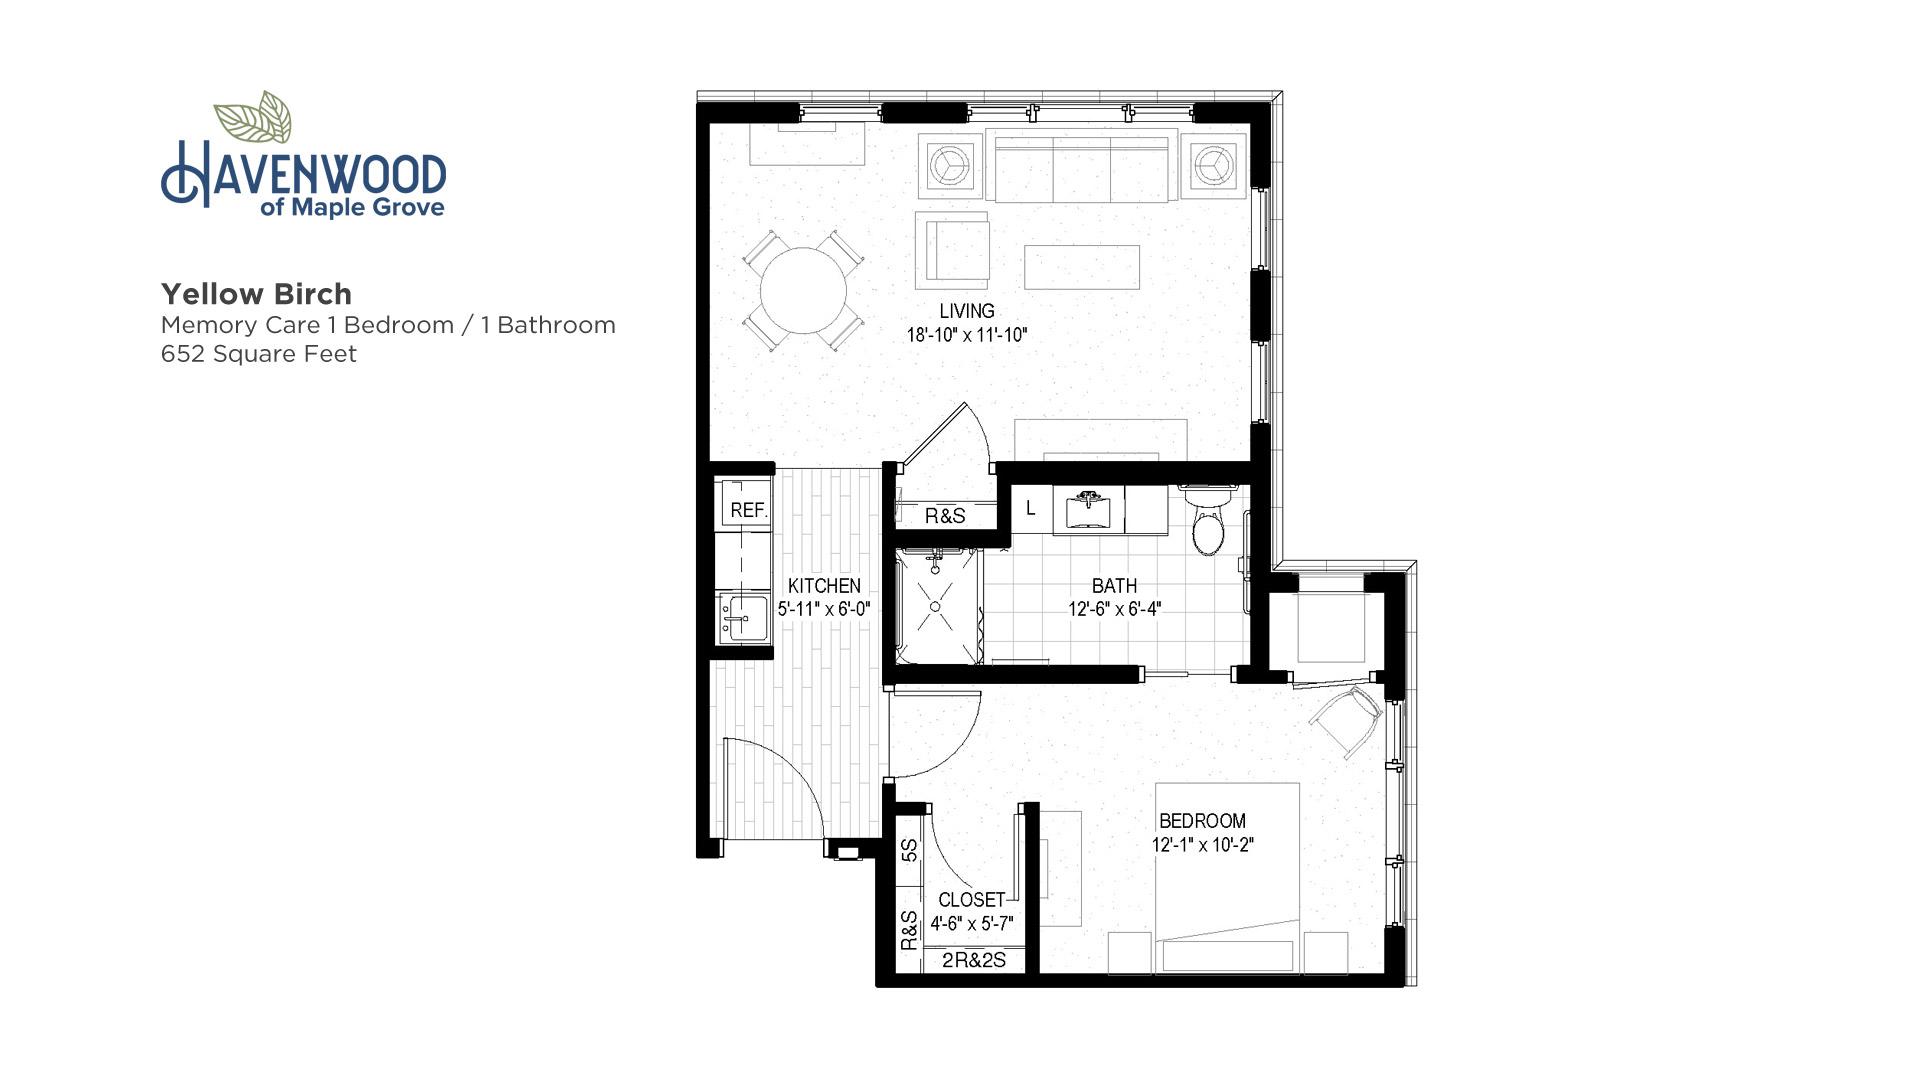 Havenwood of Maple Grove Yellow Birch Floor Plan